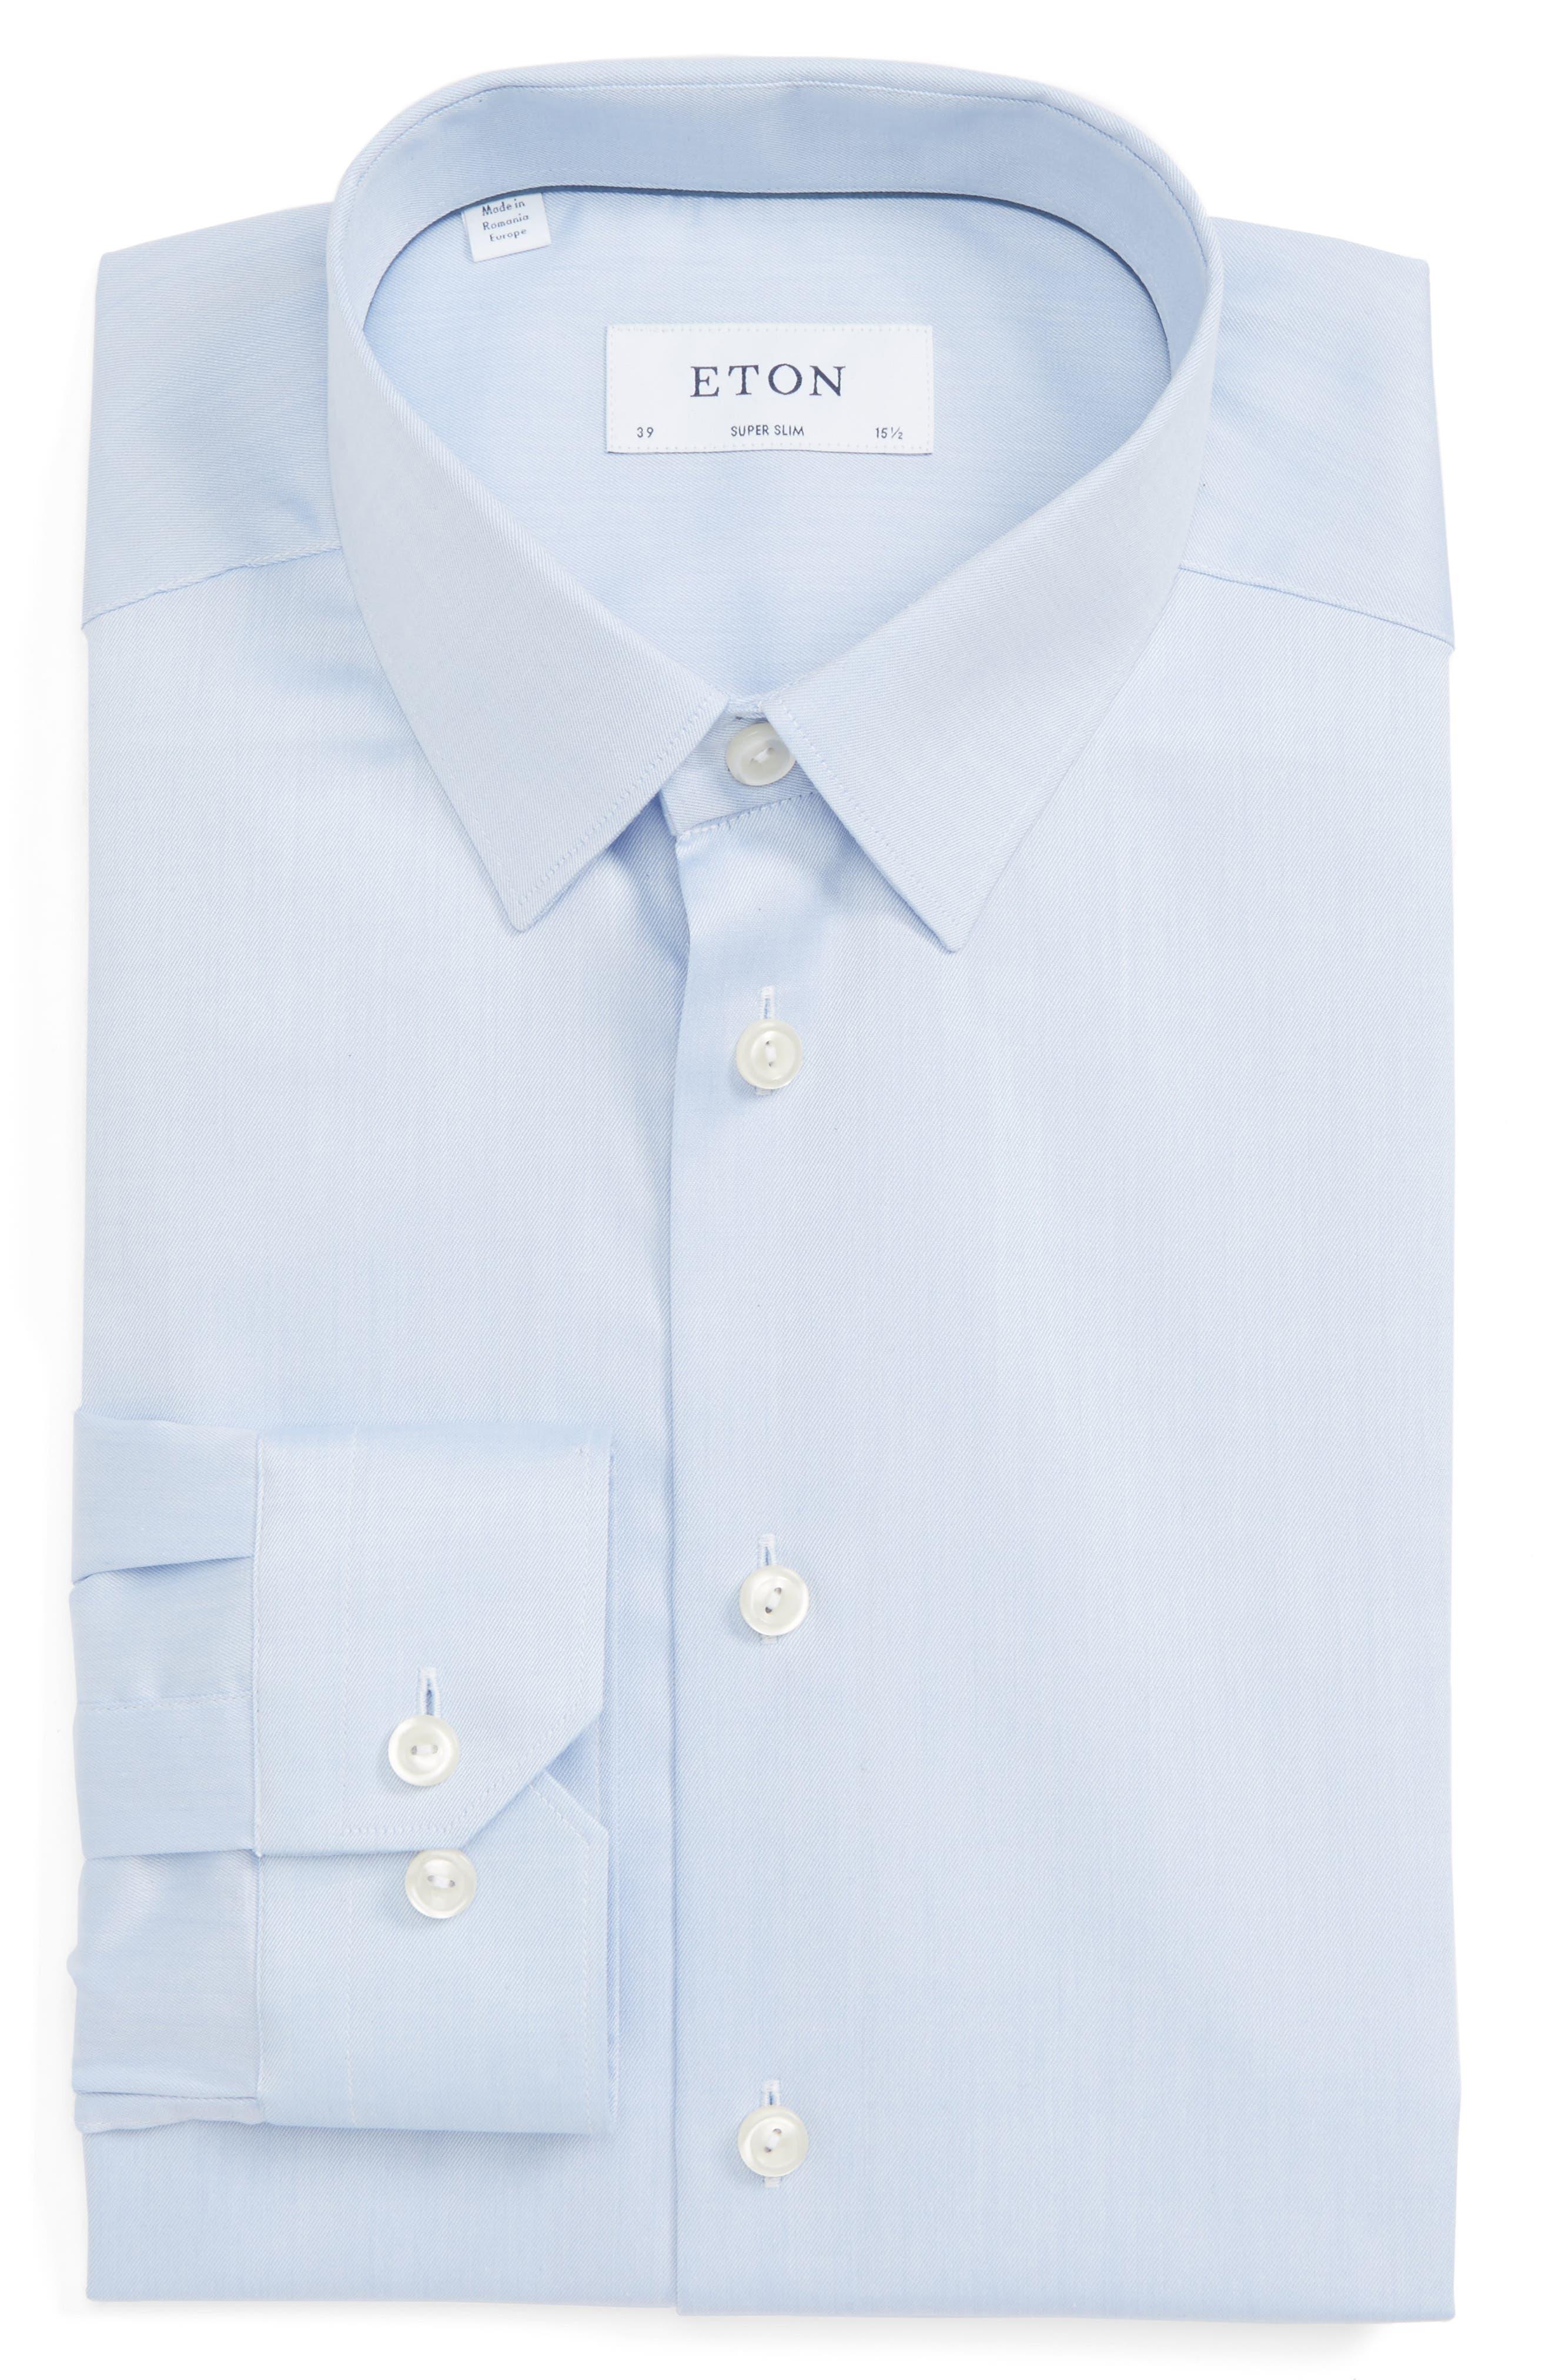 Eton Super Slim Fit Twill Dress Shirt